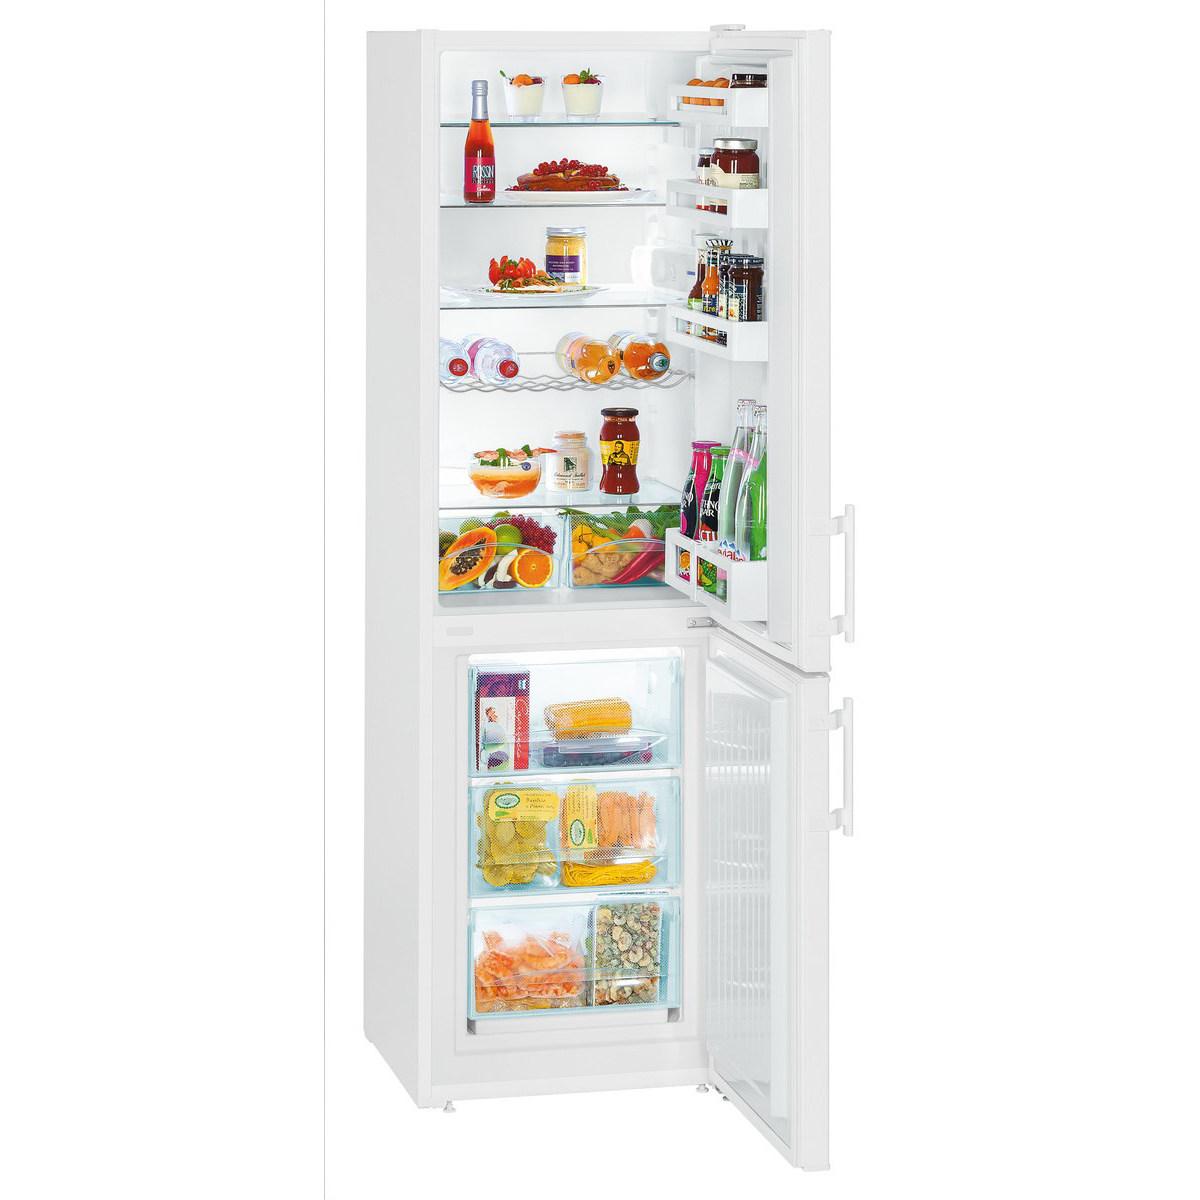 liebherr-cu-3311-comfort-smartfrost-fridge-freezer-white